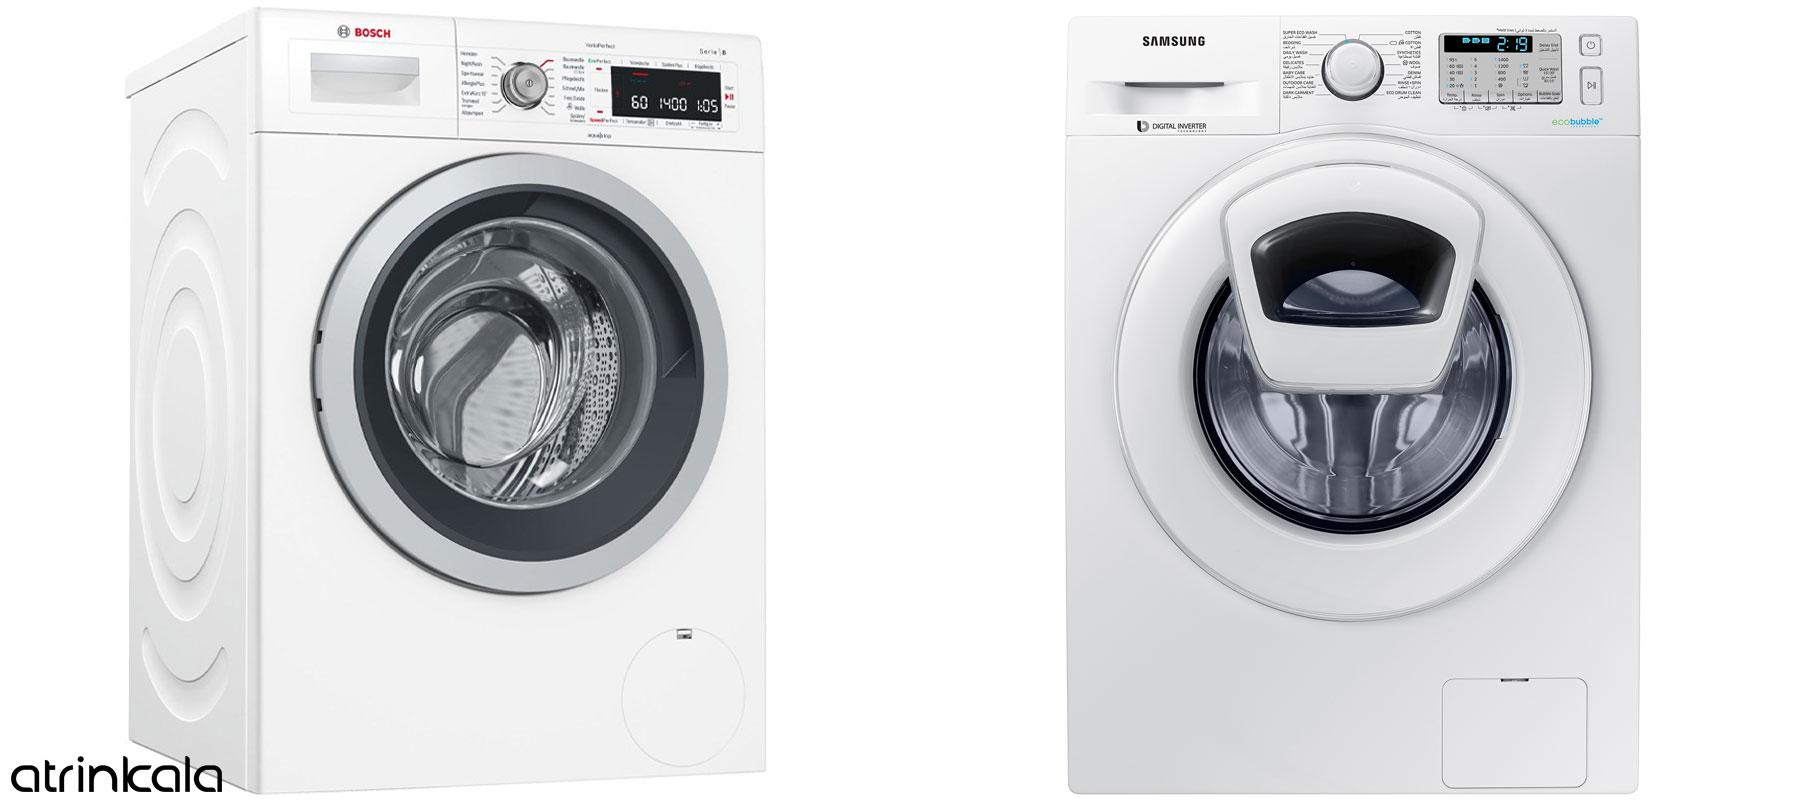 مقایسه ماشین لباسشویی سامسونگ و بوش